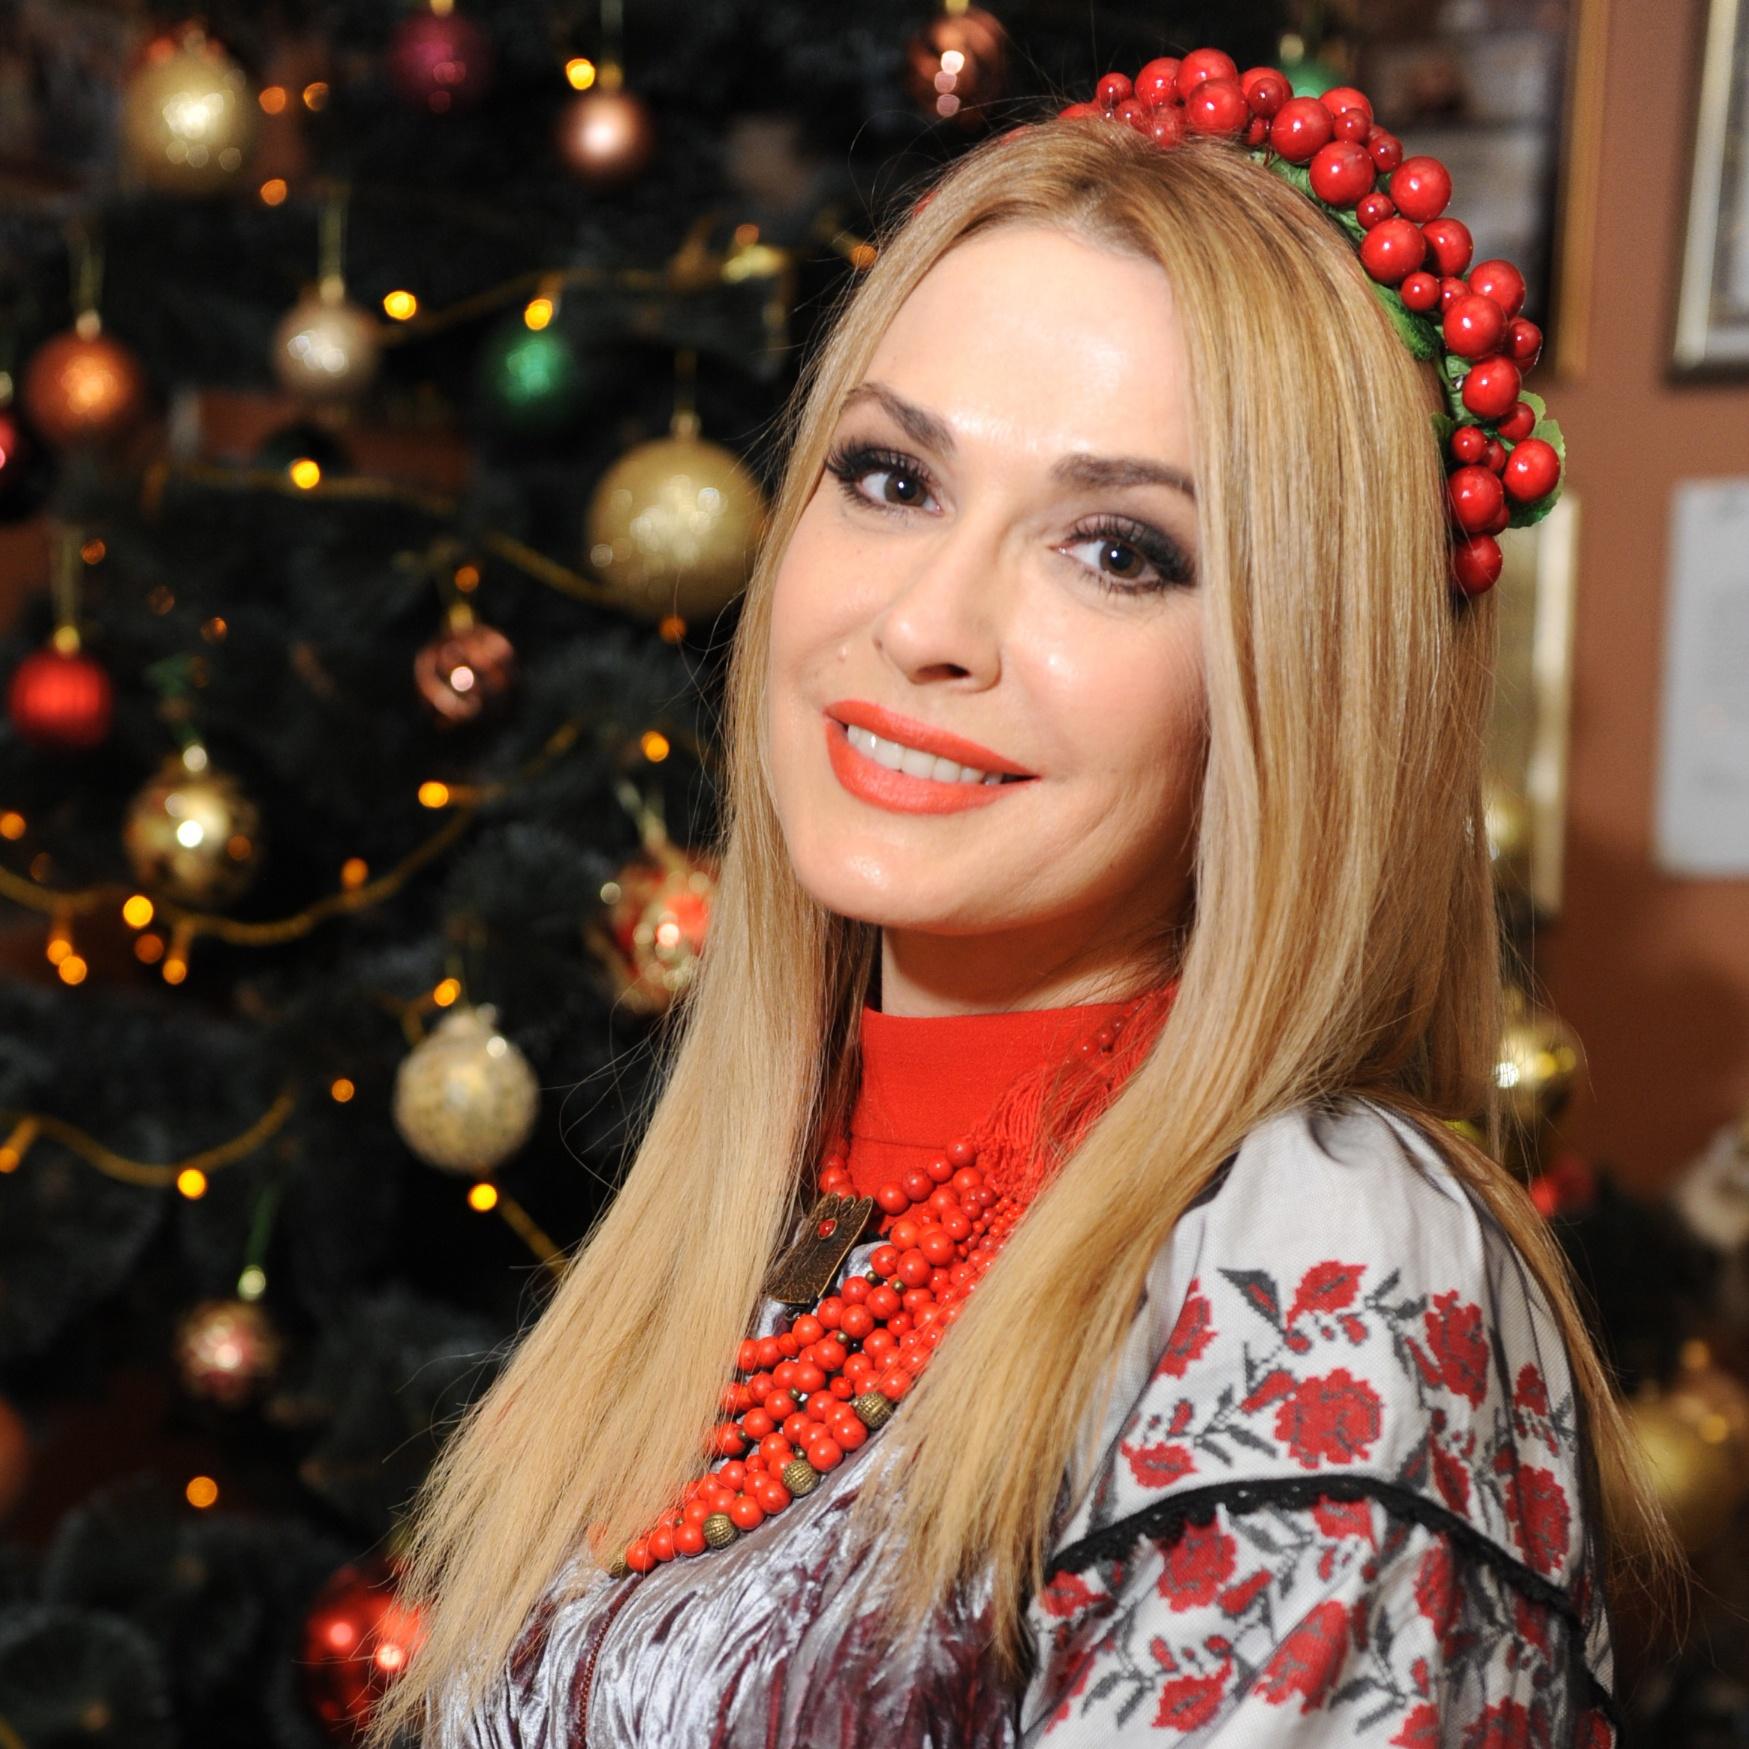 Измена Жены В Турции - категория порно на POREVO.TV